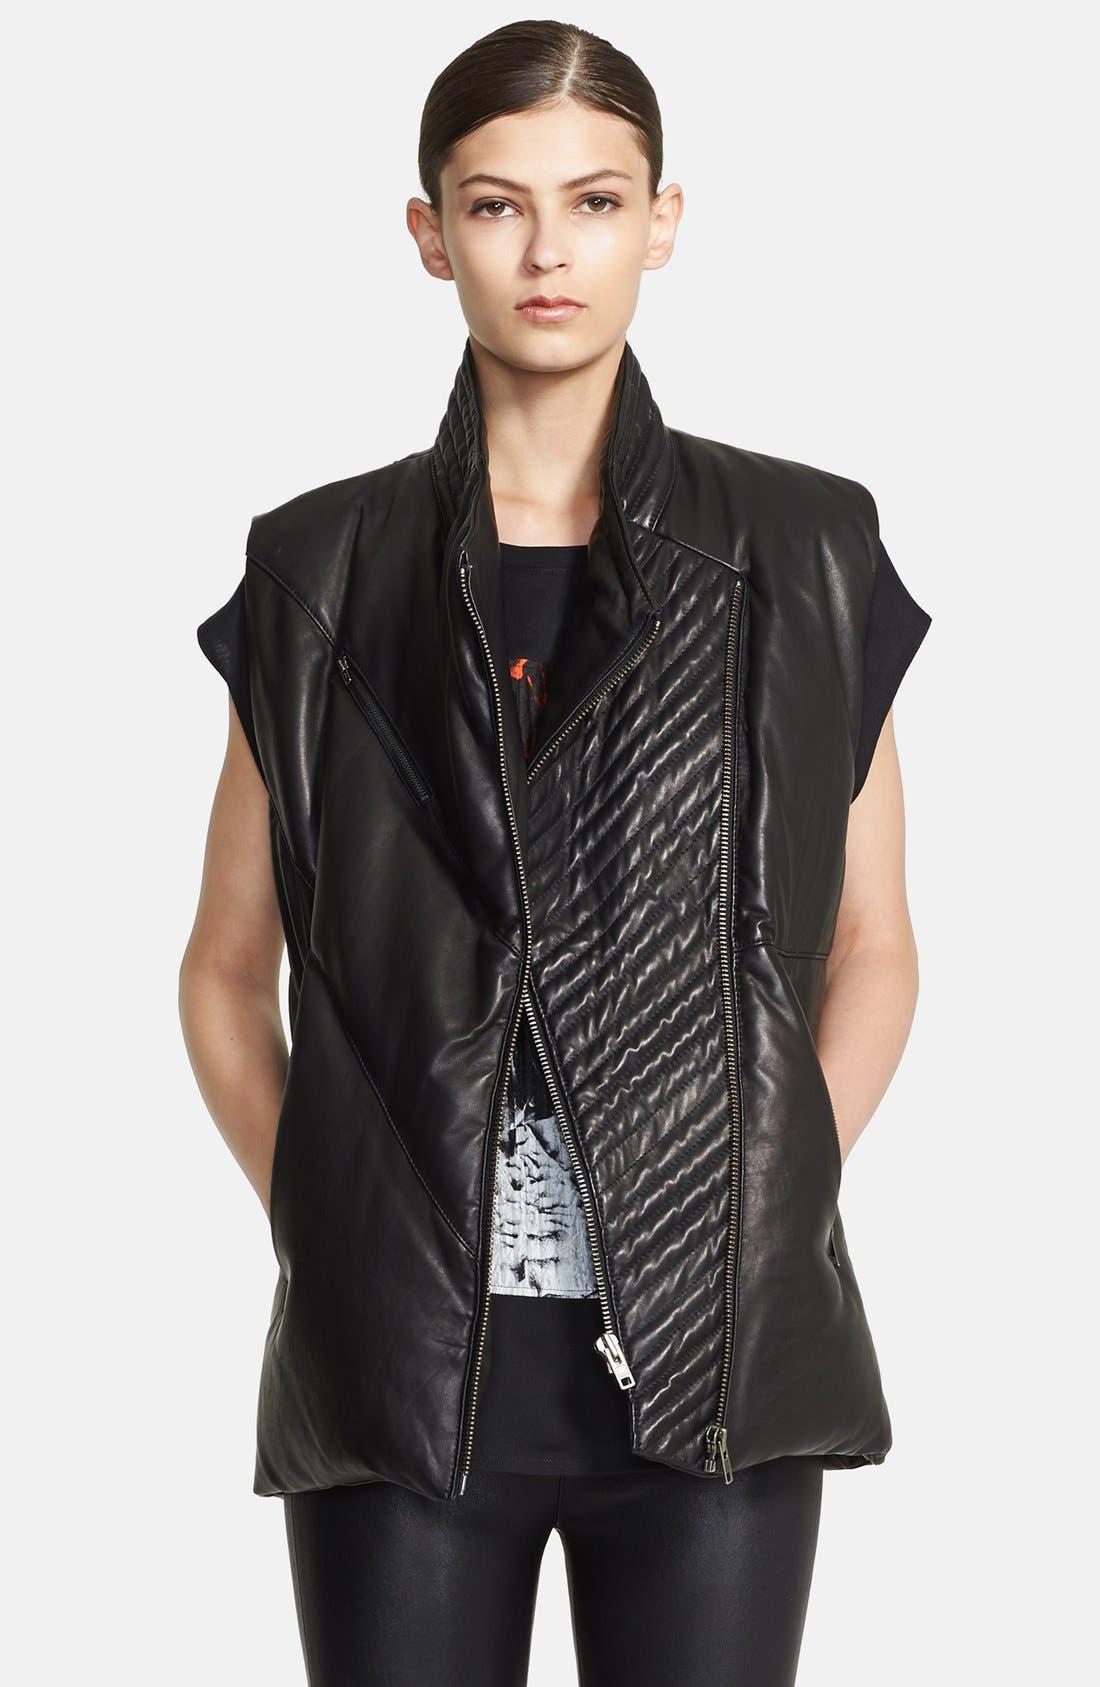 Alternate Image 1 Selected - Helmut Lang 'Petal' Leather Puffer Vest